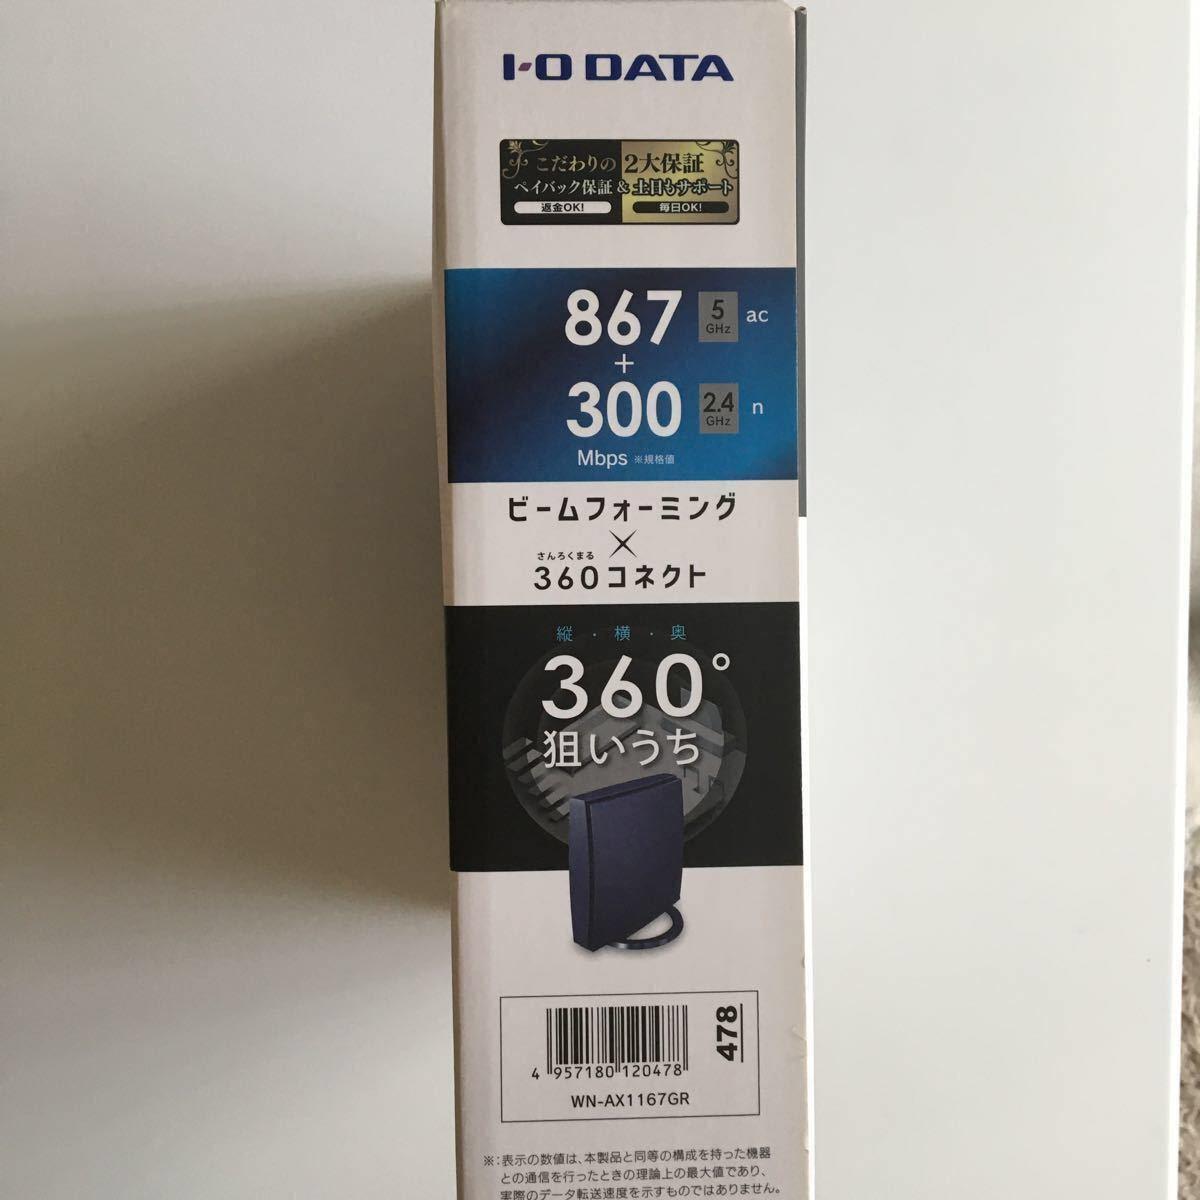 11ac対応867Mbps(規格値)無線LAN(Wi-Fi)ルーター WN-AX1167GR